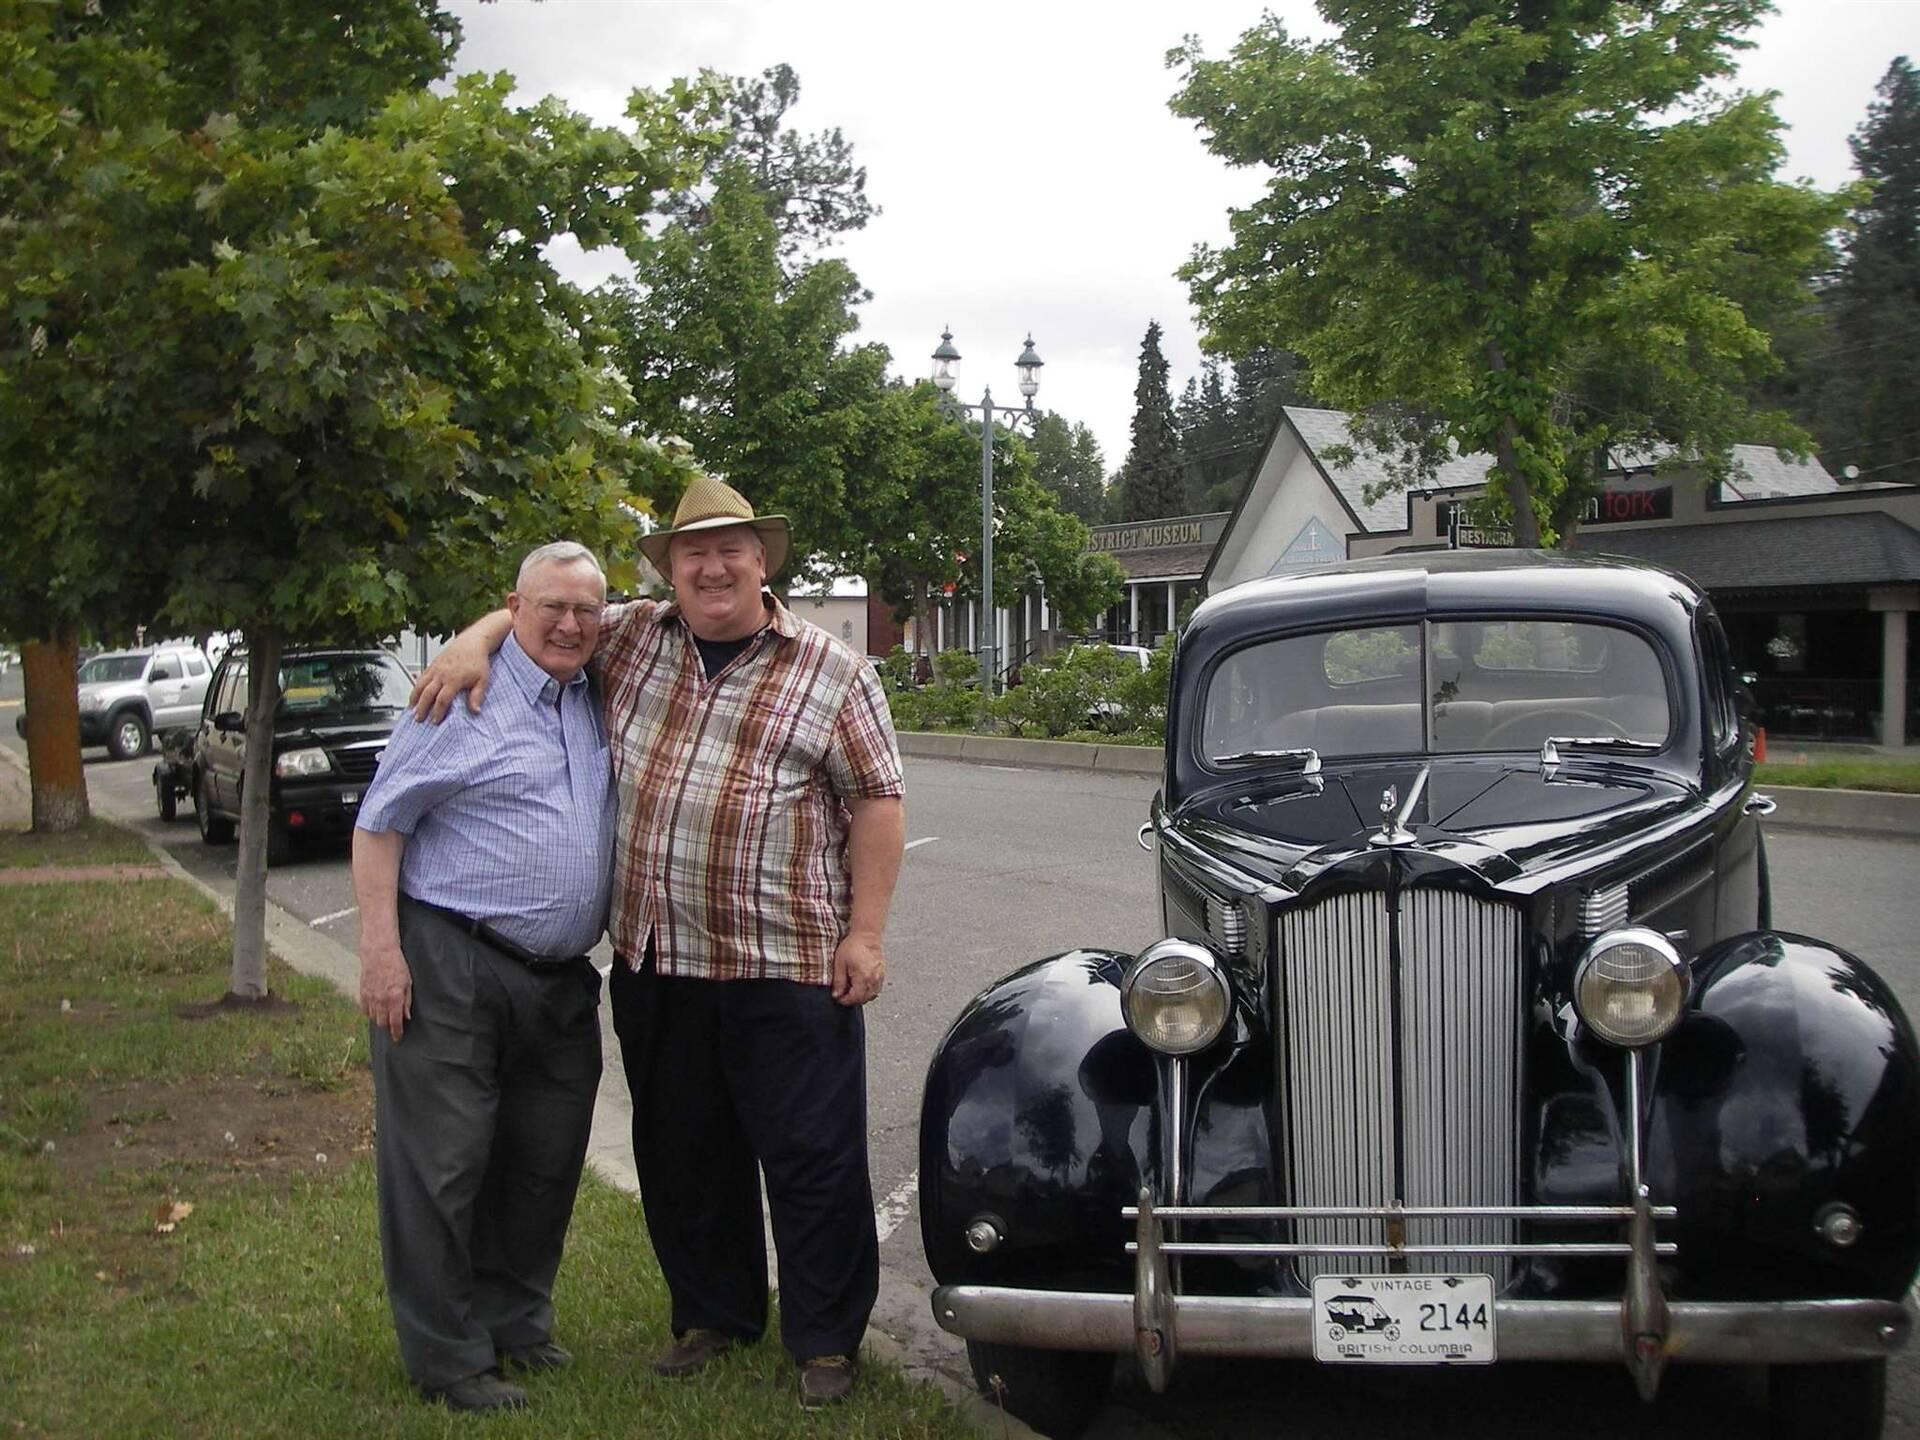 '39 Six 4 DR touring car